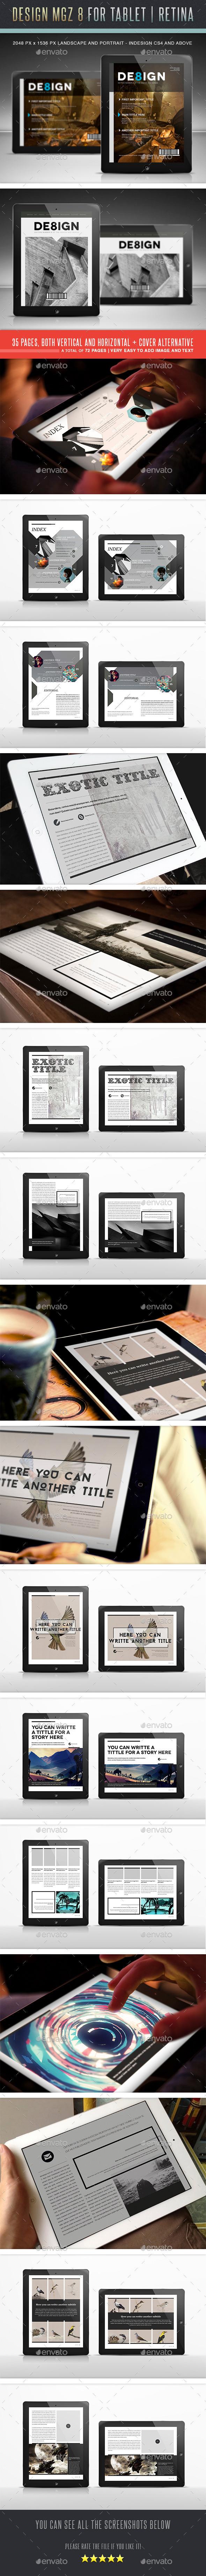 Design Magazine 8 Digital Template - Digital Magazines ePublishing